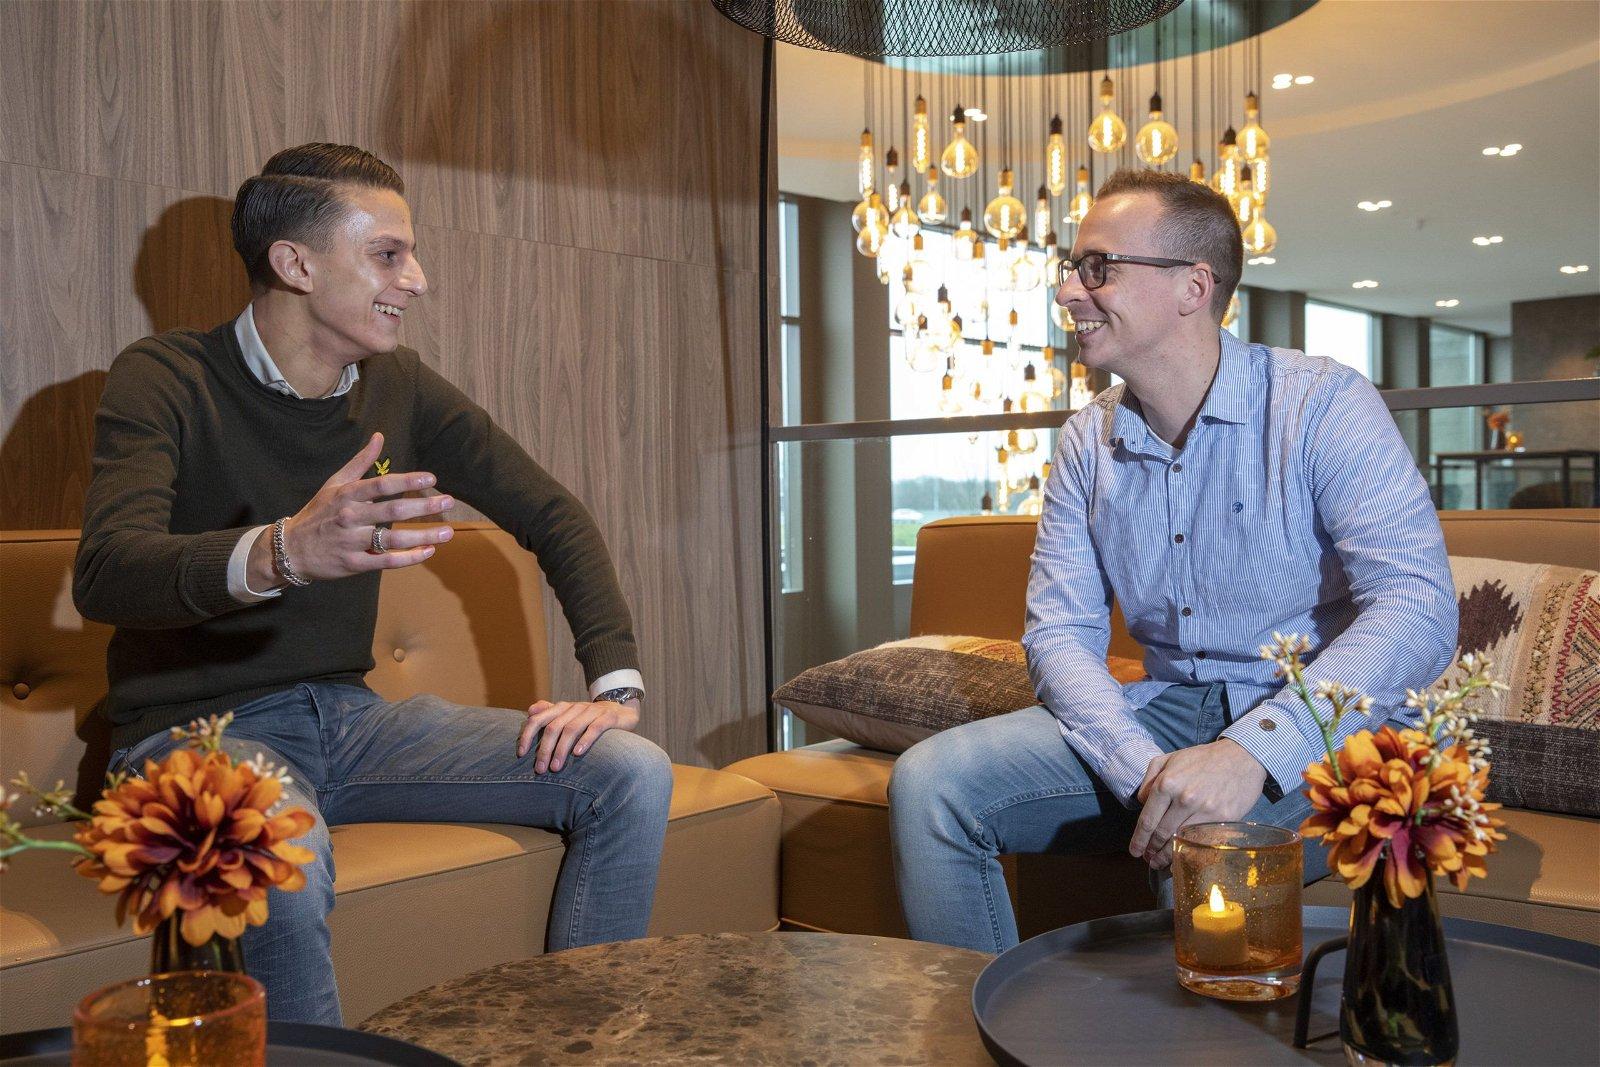 Geert Jacobs Clusterleider Technisch beheer en Colin Bink Vestigingsleider Best van Hoppenbrouwers Techniek